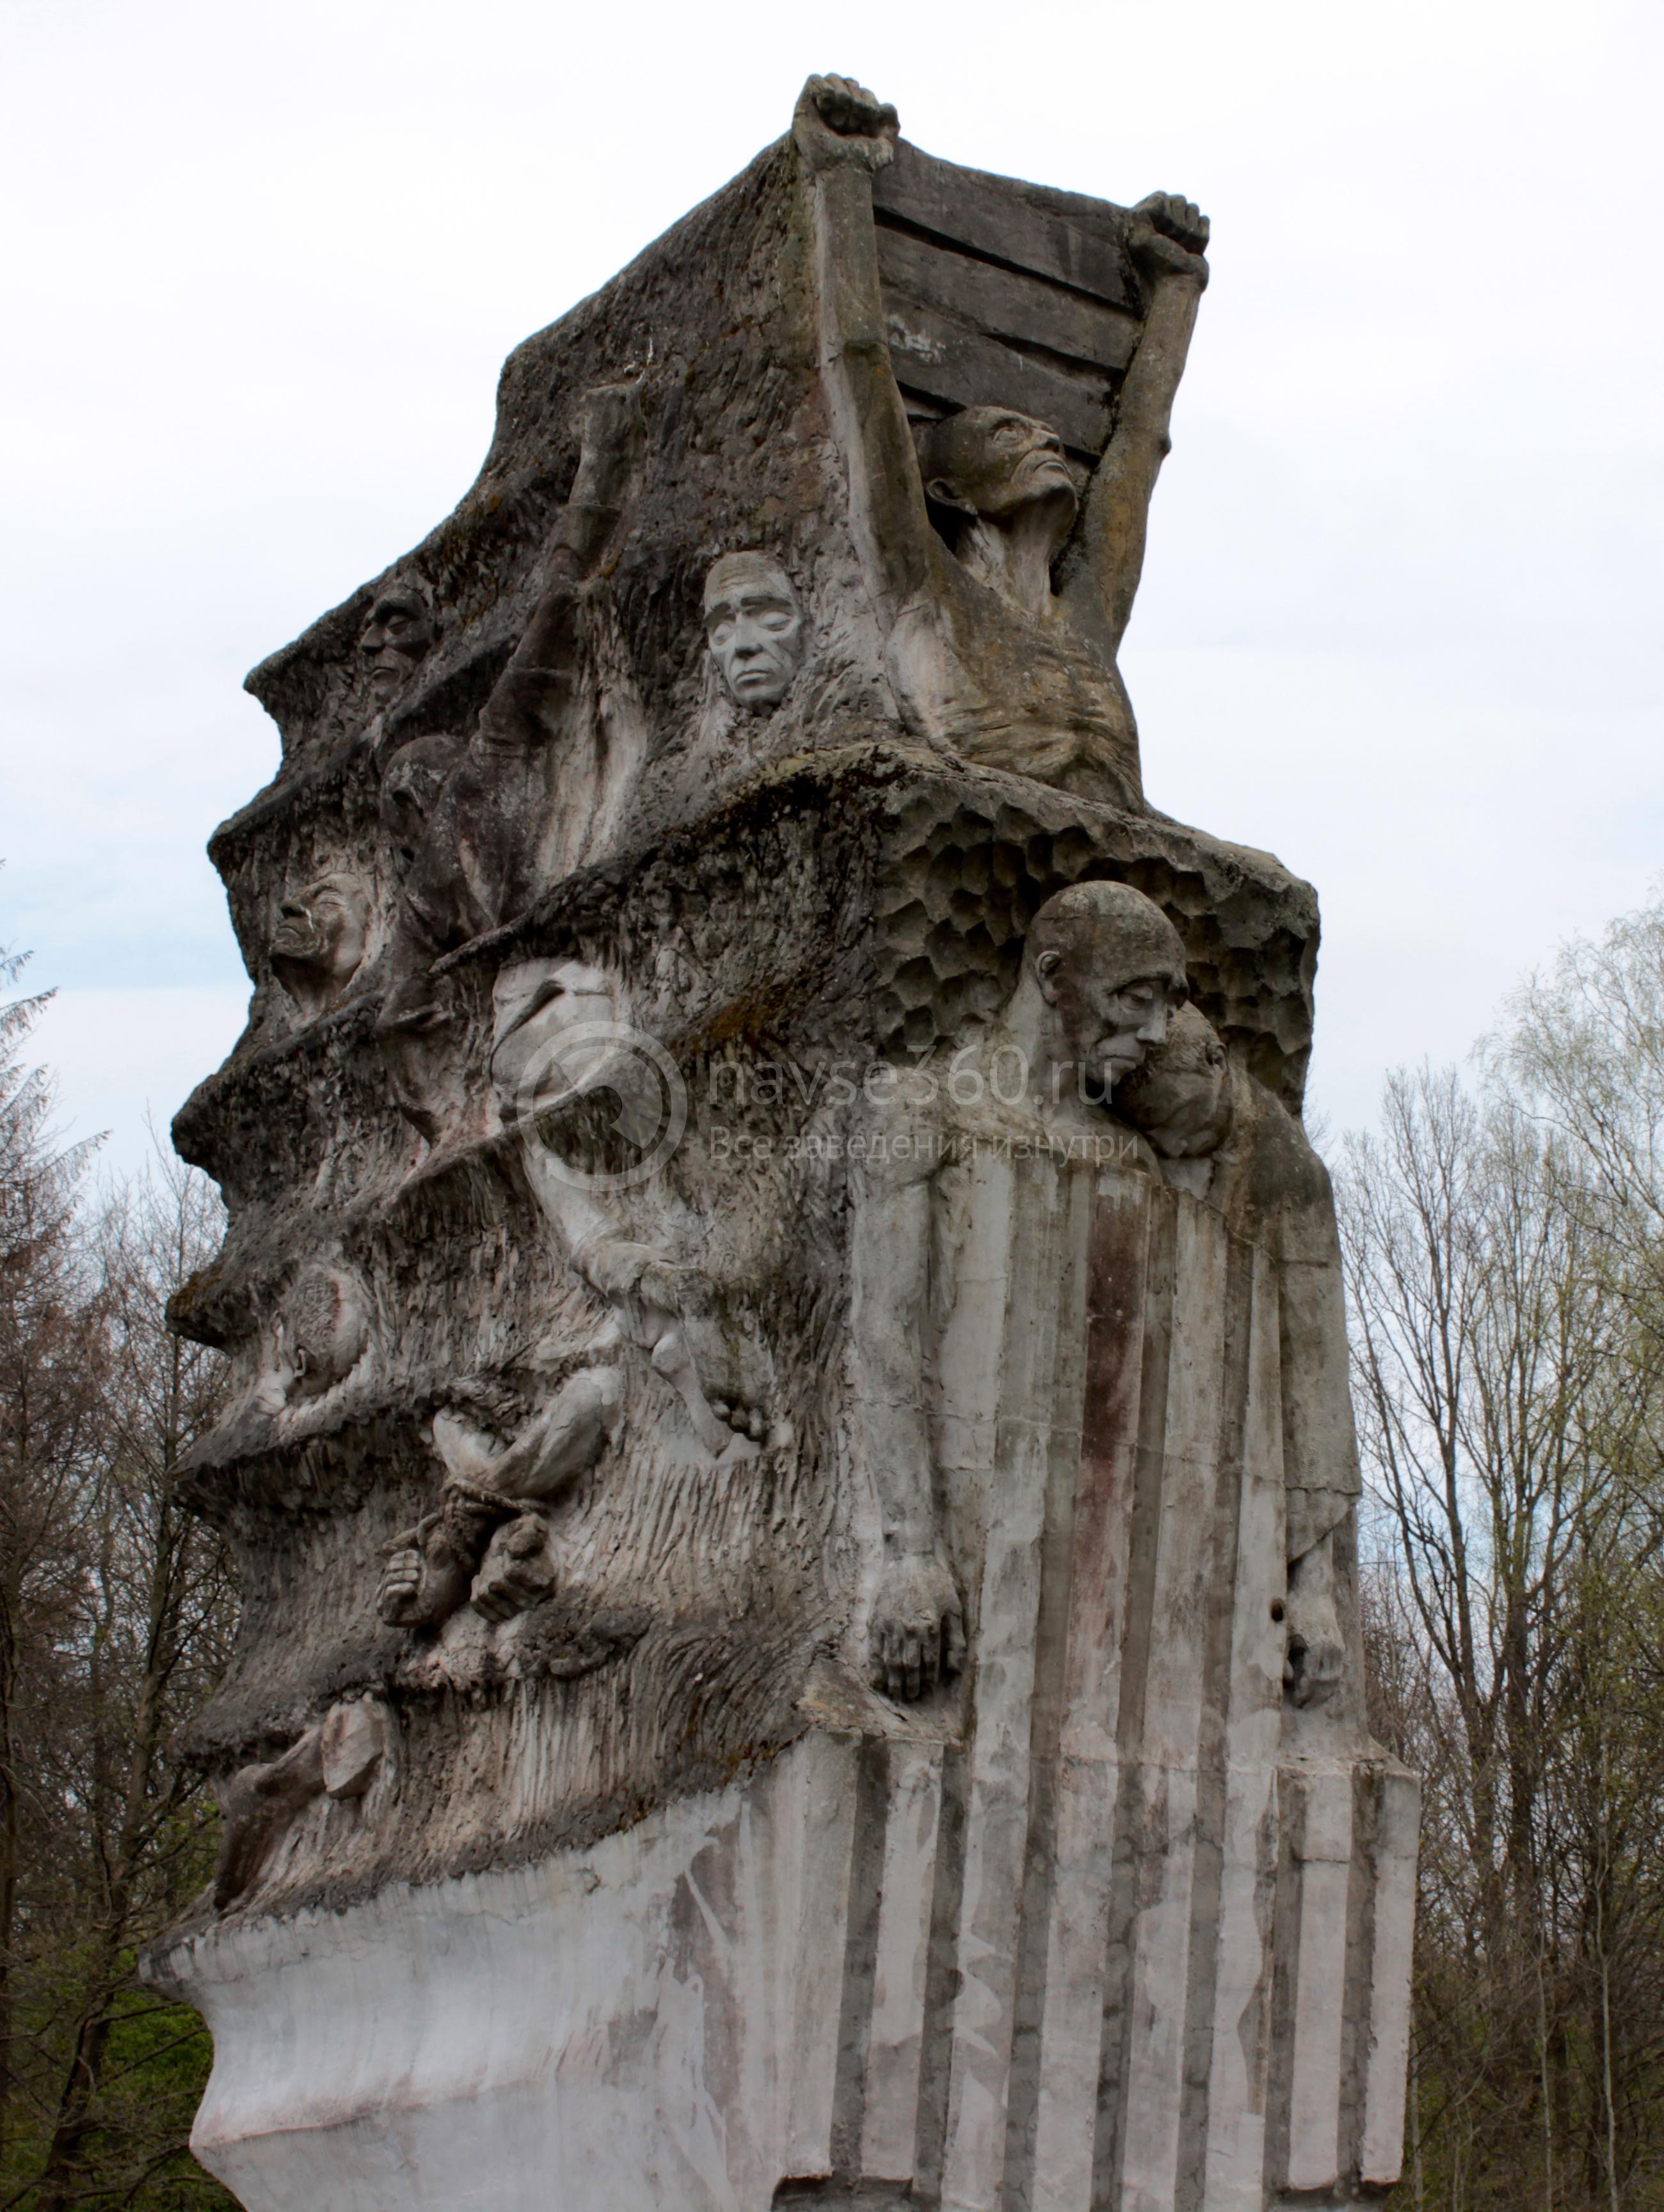 Скульптурная композиция на кладбище узников концлагеря Шталаг 1а